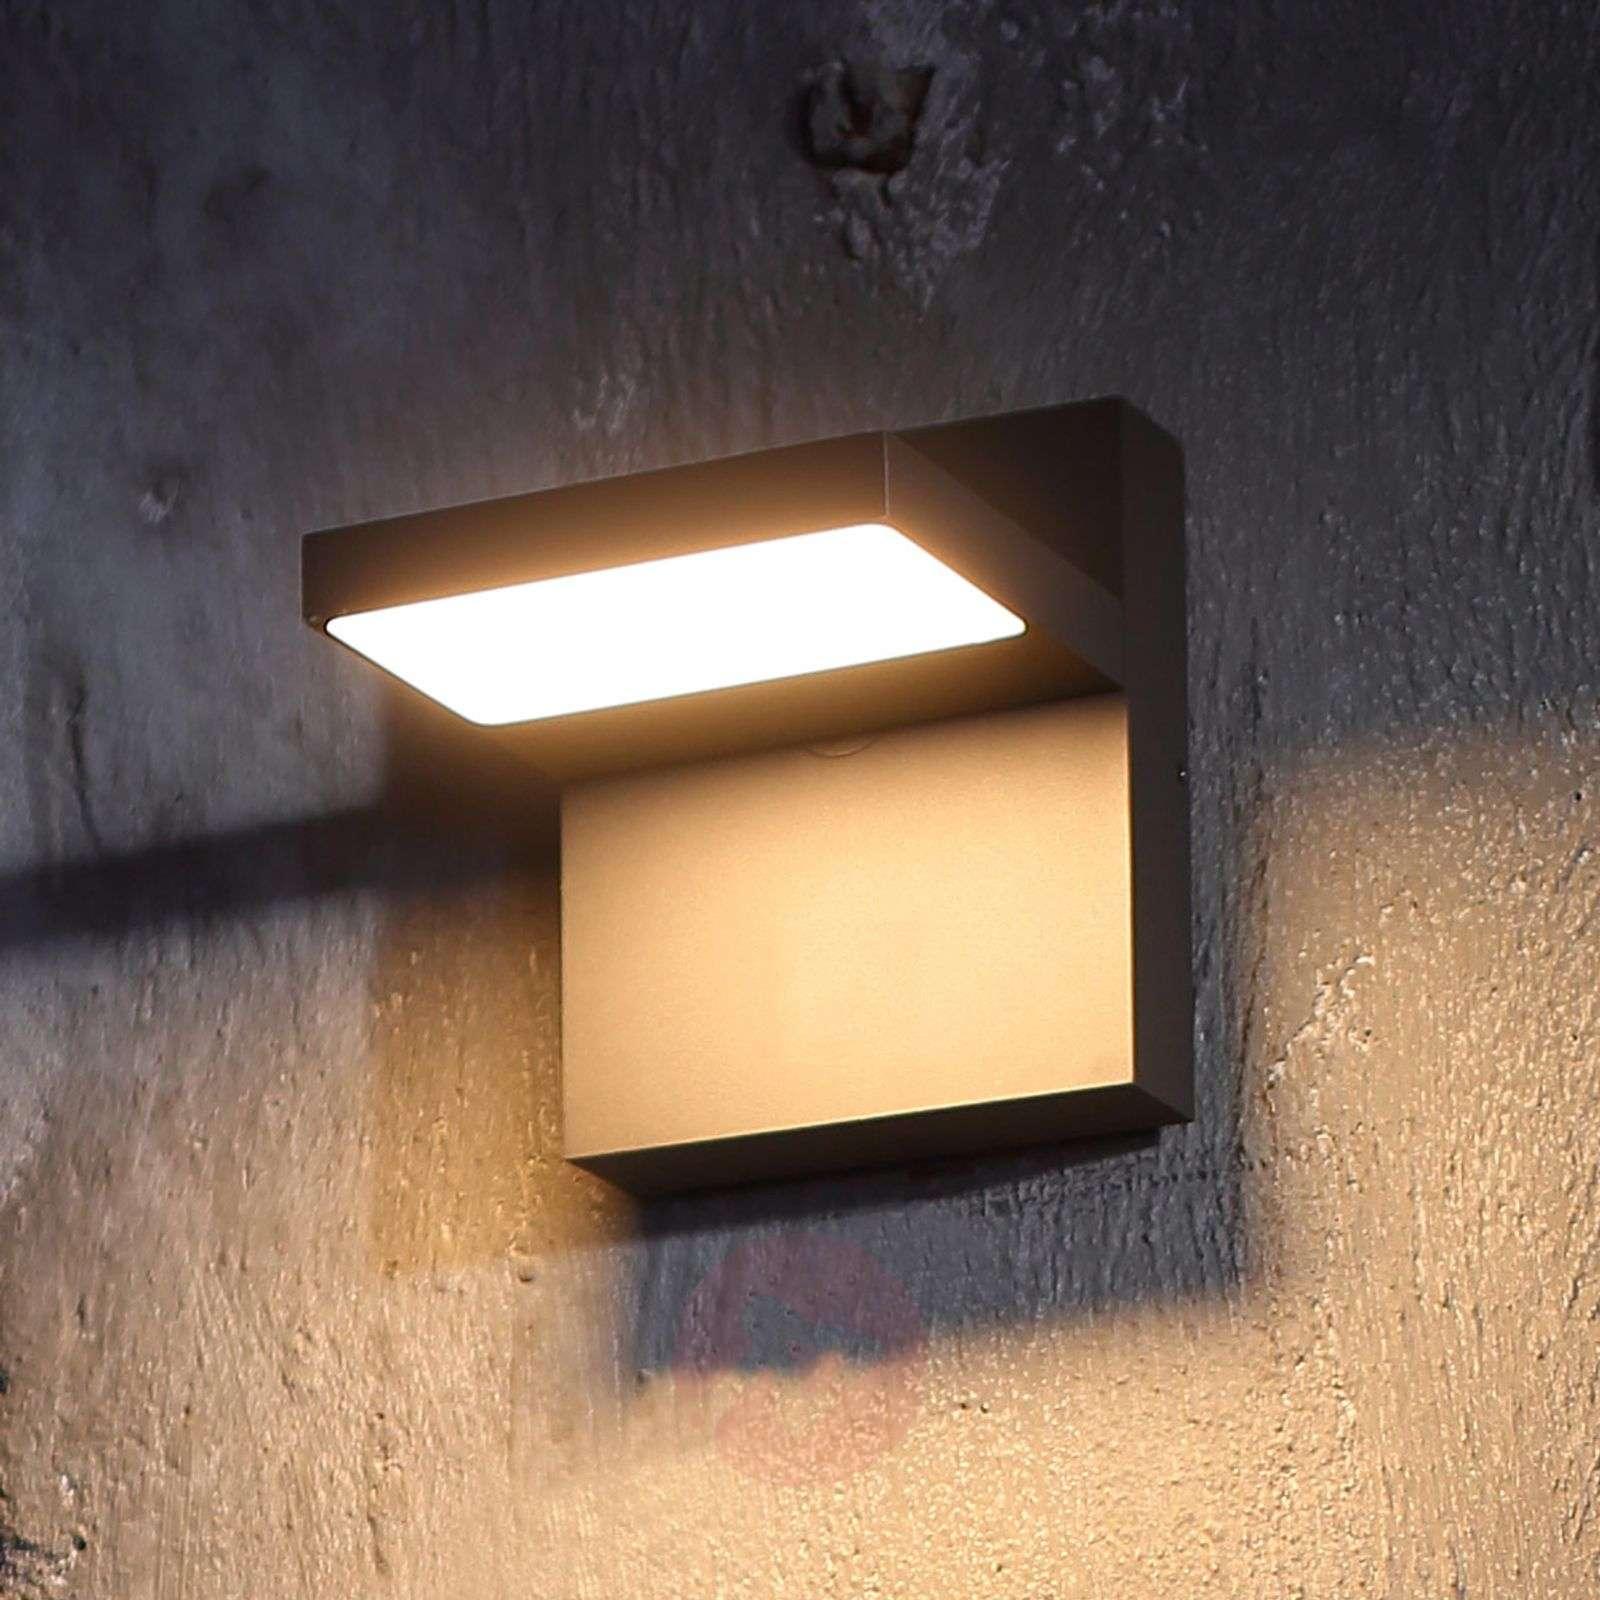 LED-ulkoseinävalaisin Silvan, tummanharmaa-9619173-02